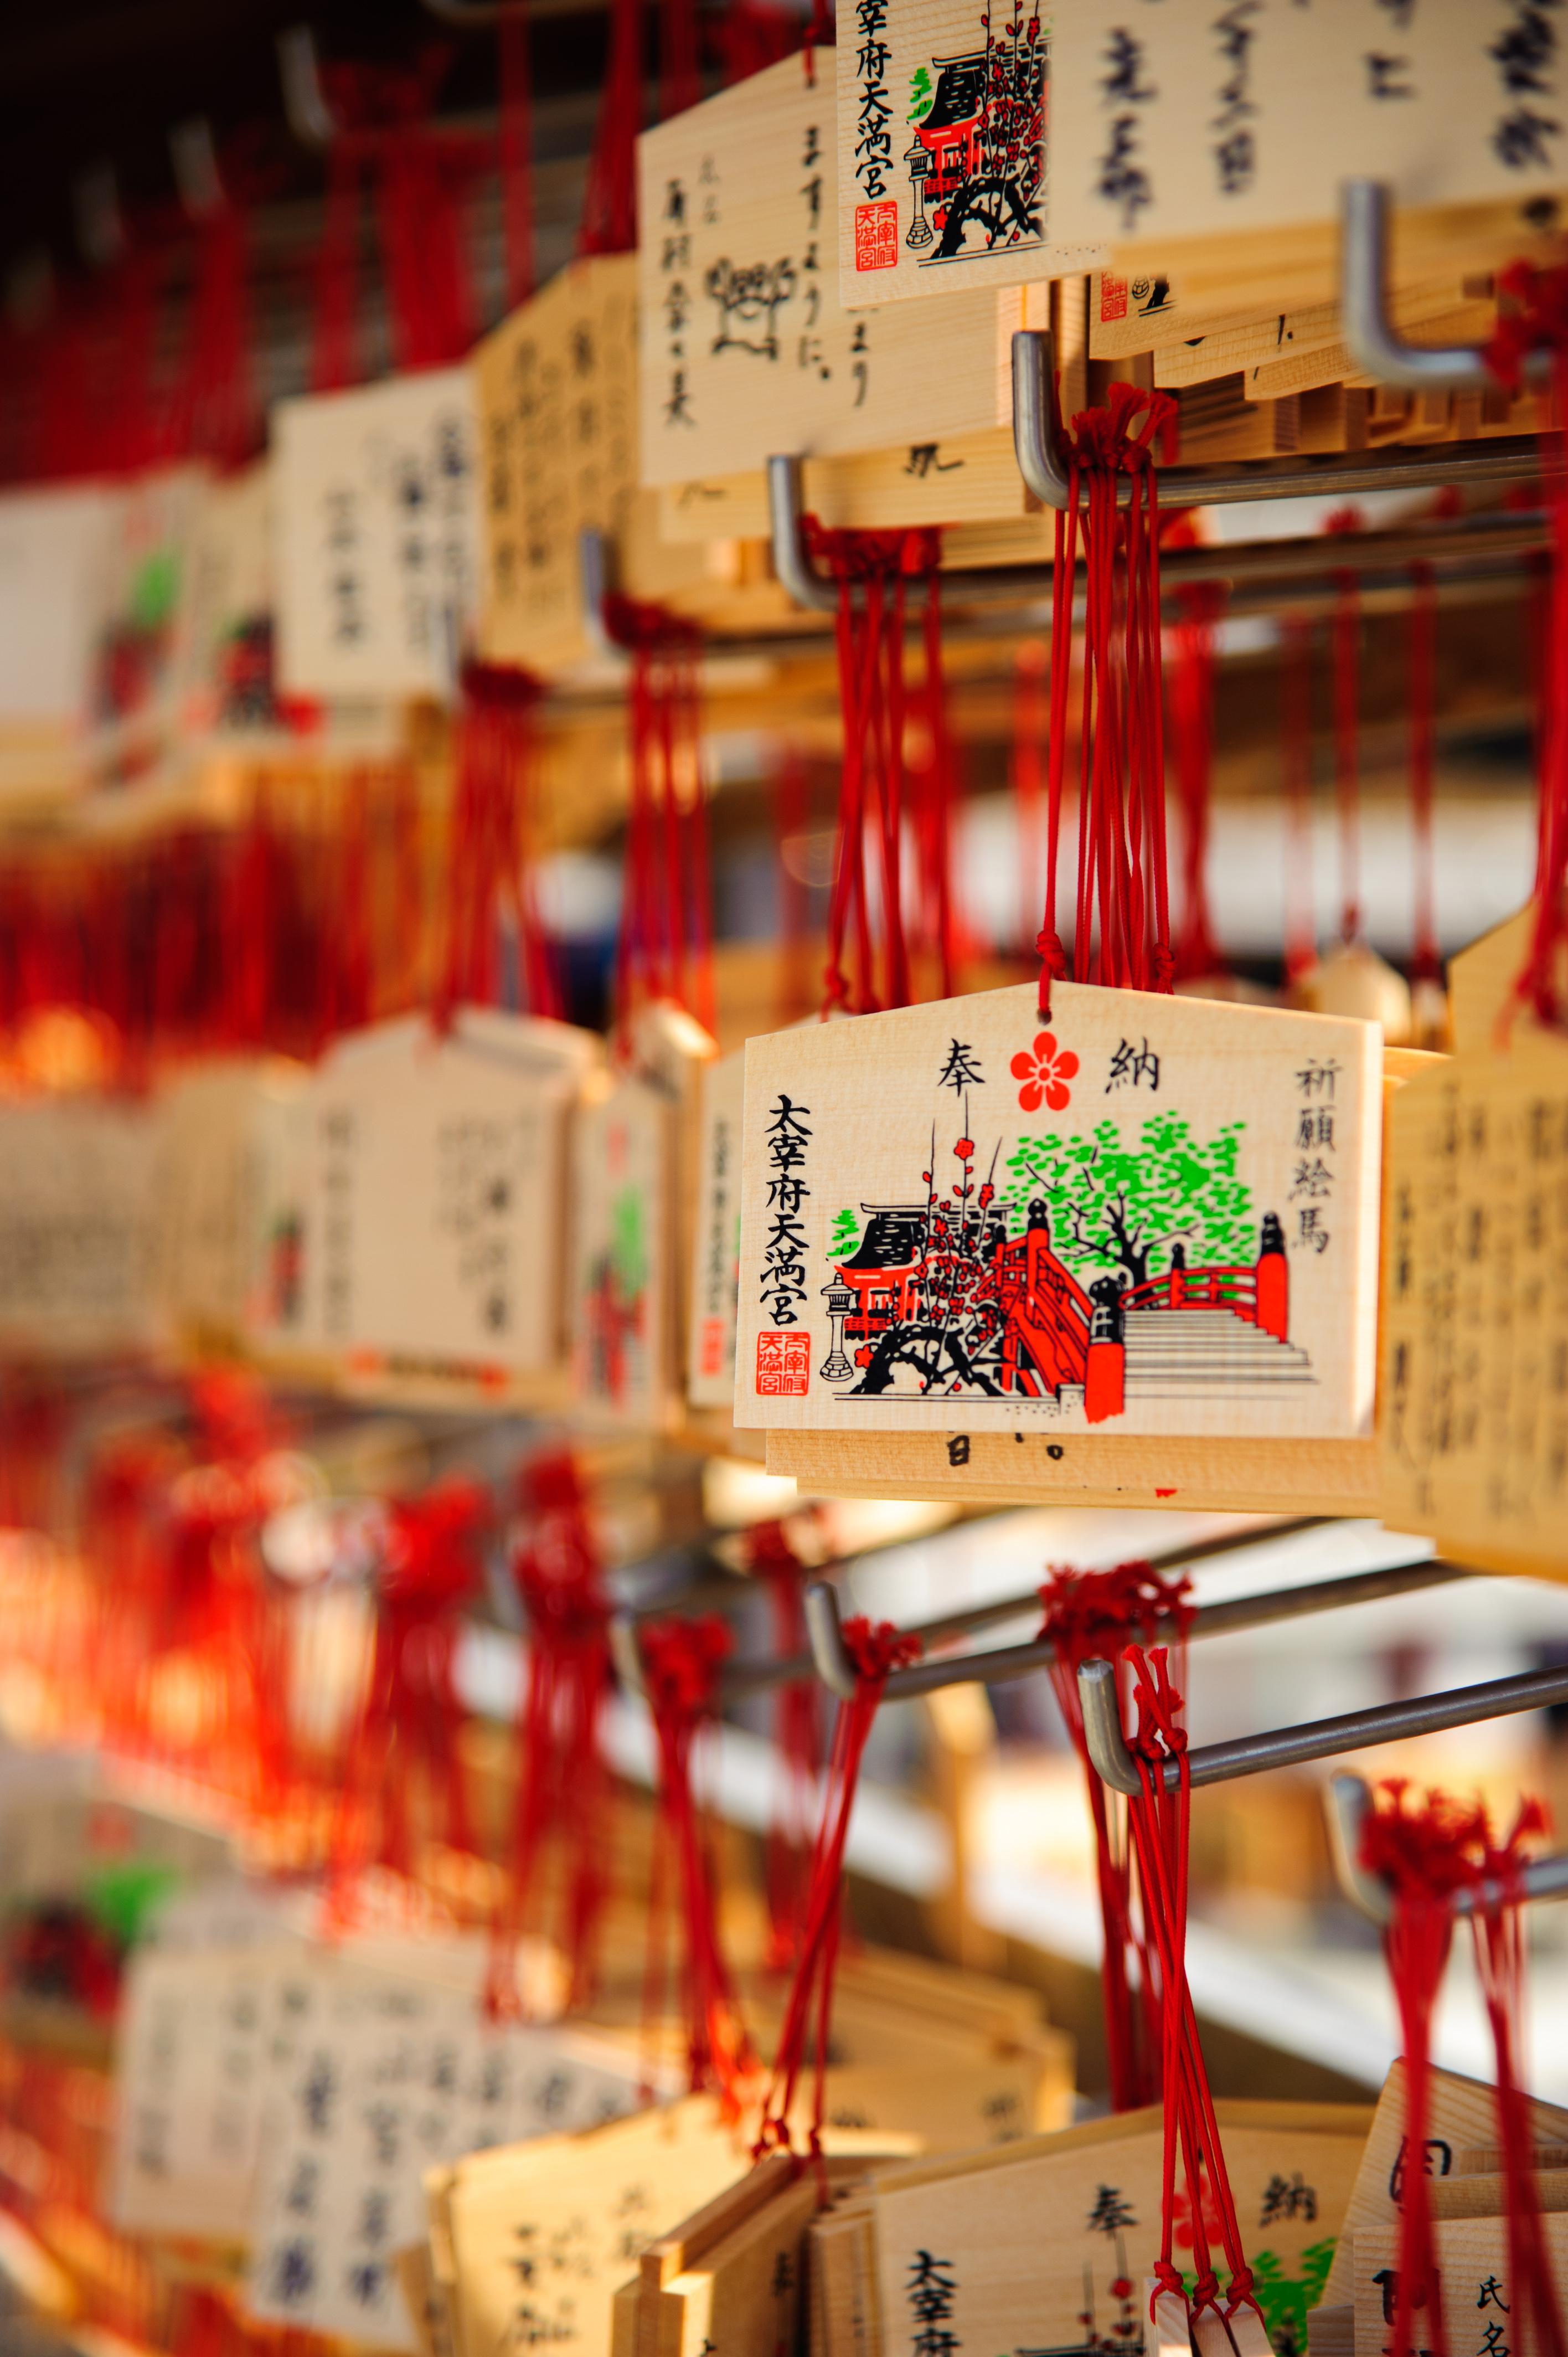 """日本一般的神社会提供一个小木块,俗称""""绘马"""",是让人们许愿的一种形式。"""